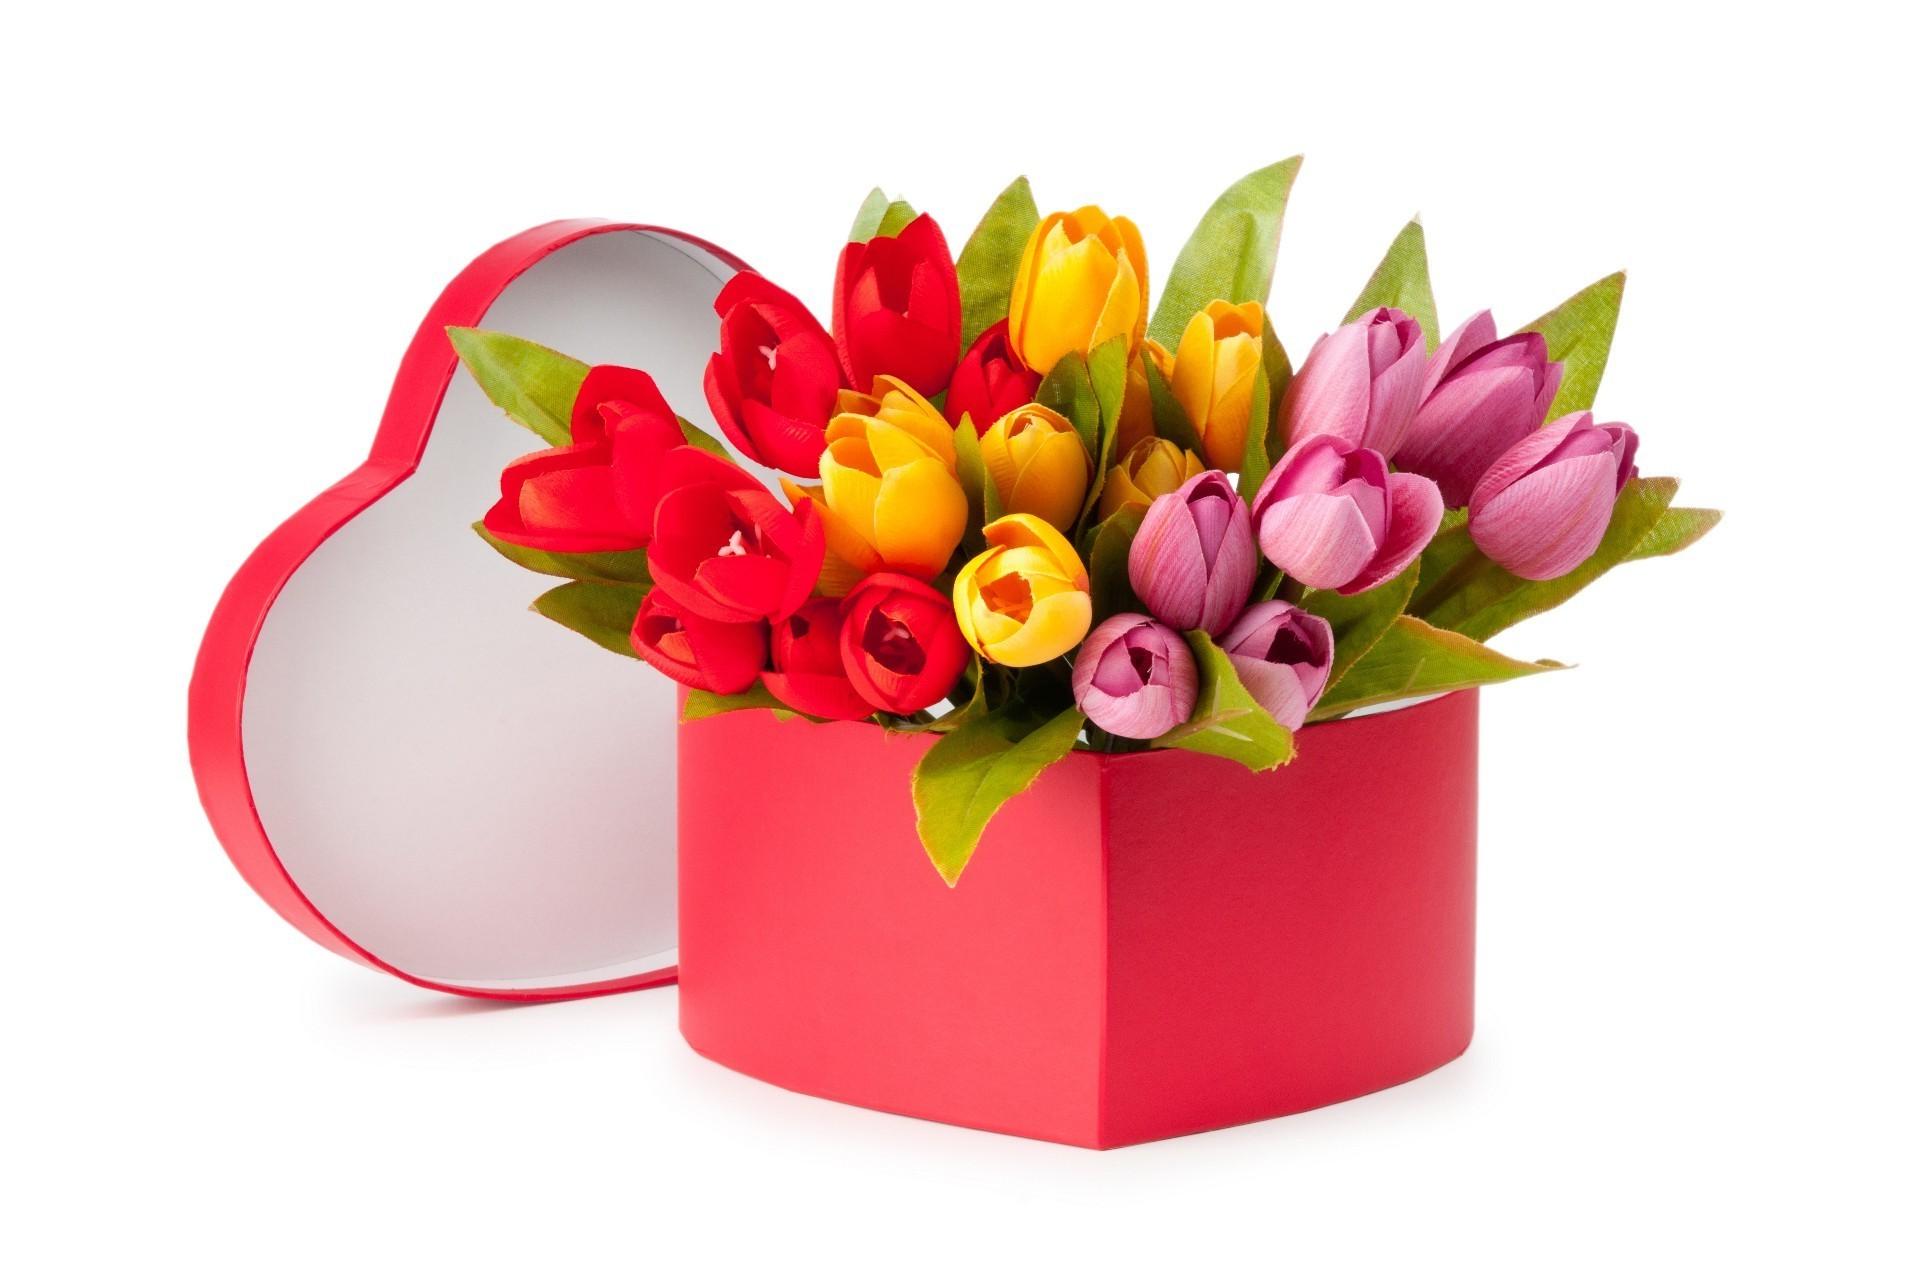 Тюльпаны и 8 марта картинки, конон менан